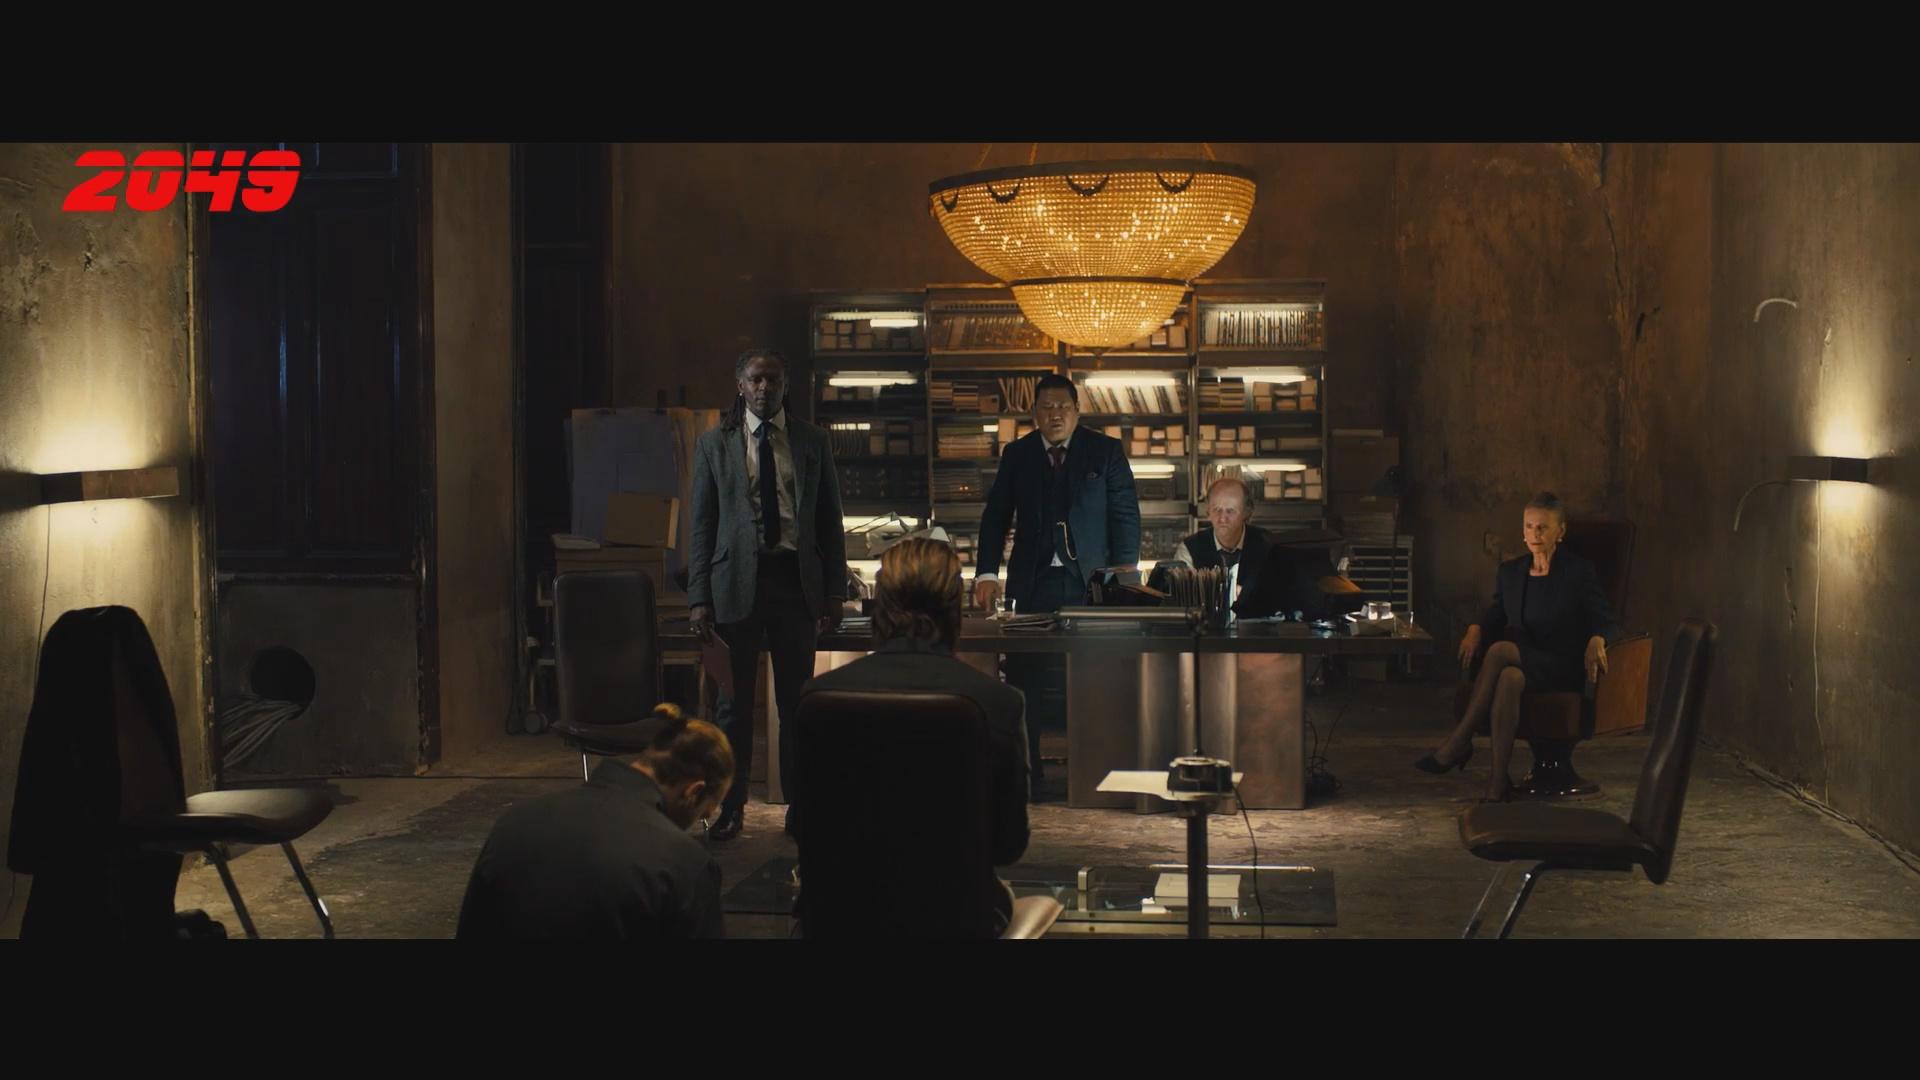 《银翼杀手2049》电影前传首支短片《2036:复制人时代》